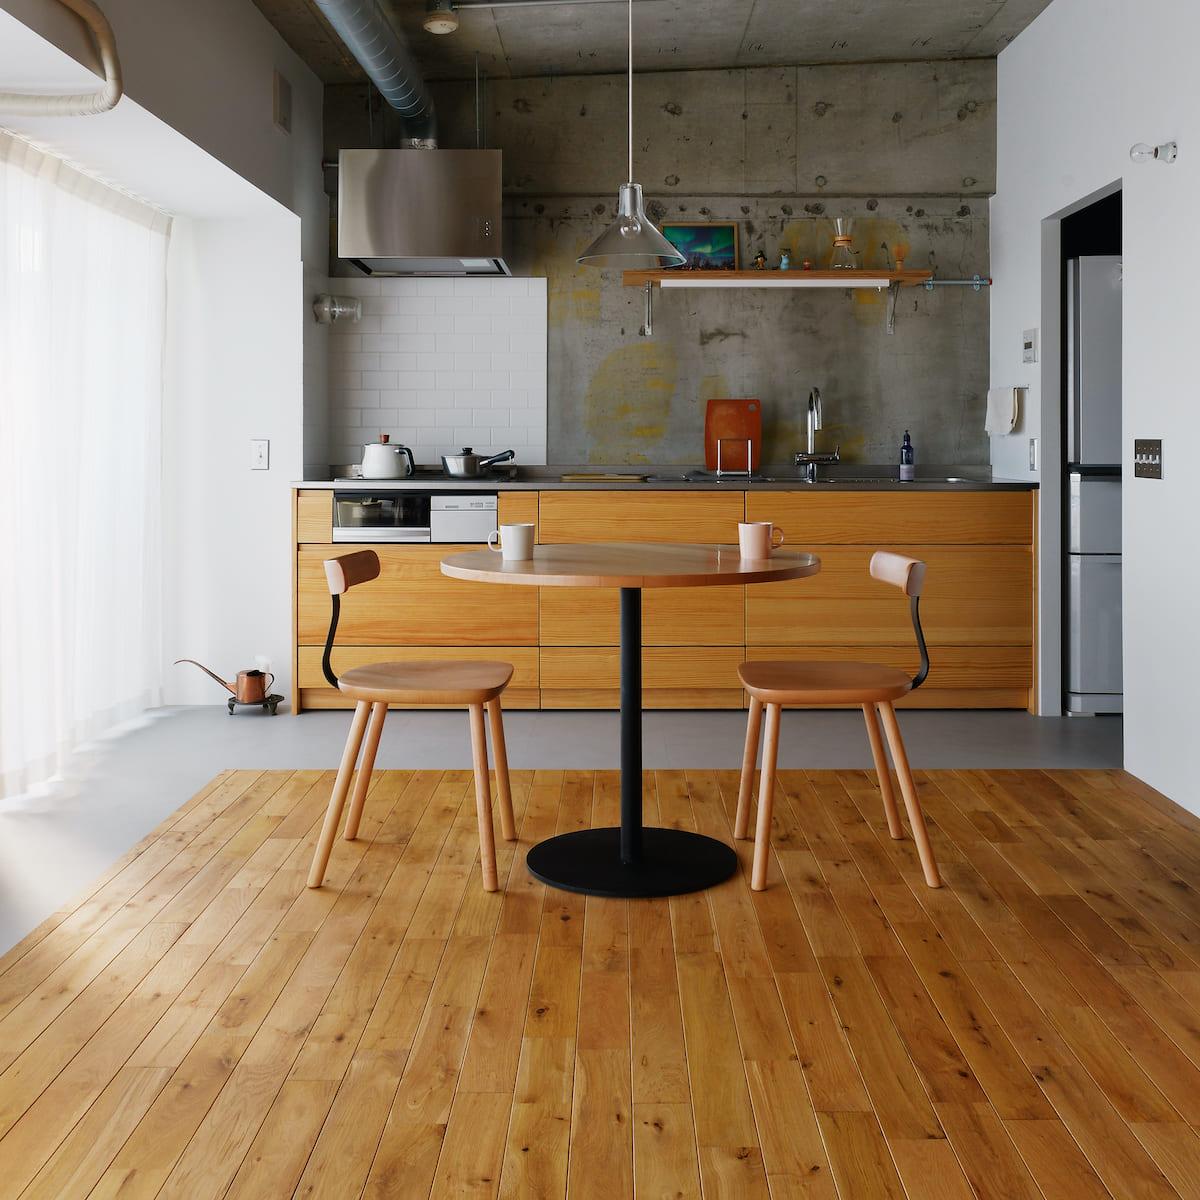 鶴見市場の中古マンションのリノベーション後のダイニングとキッチン